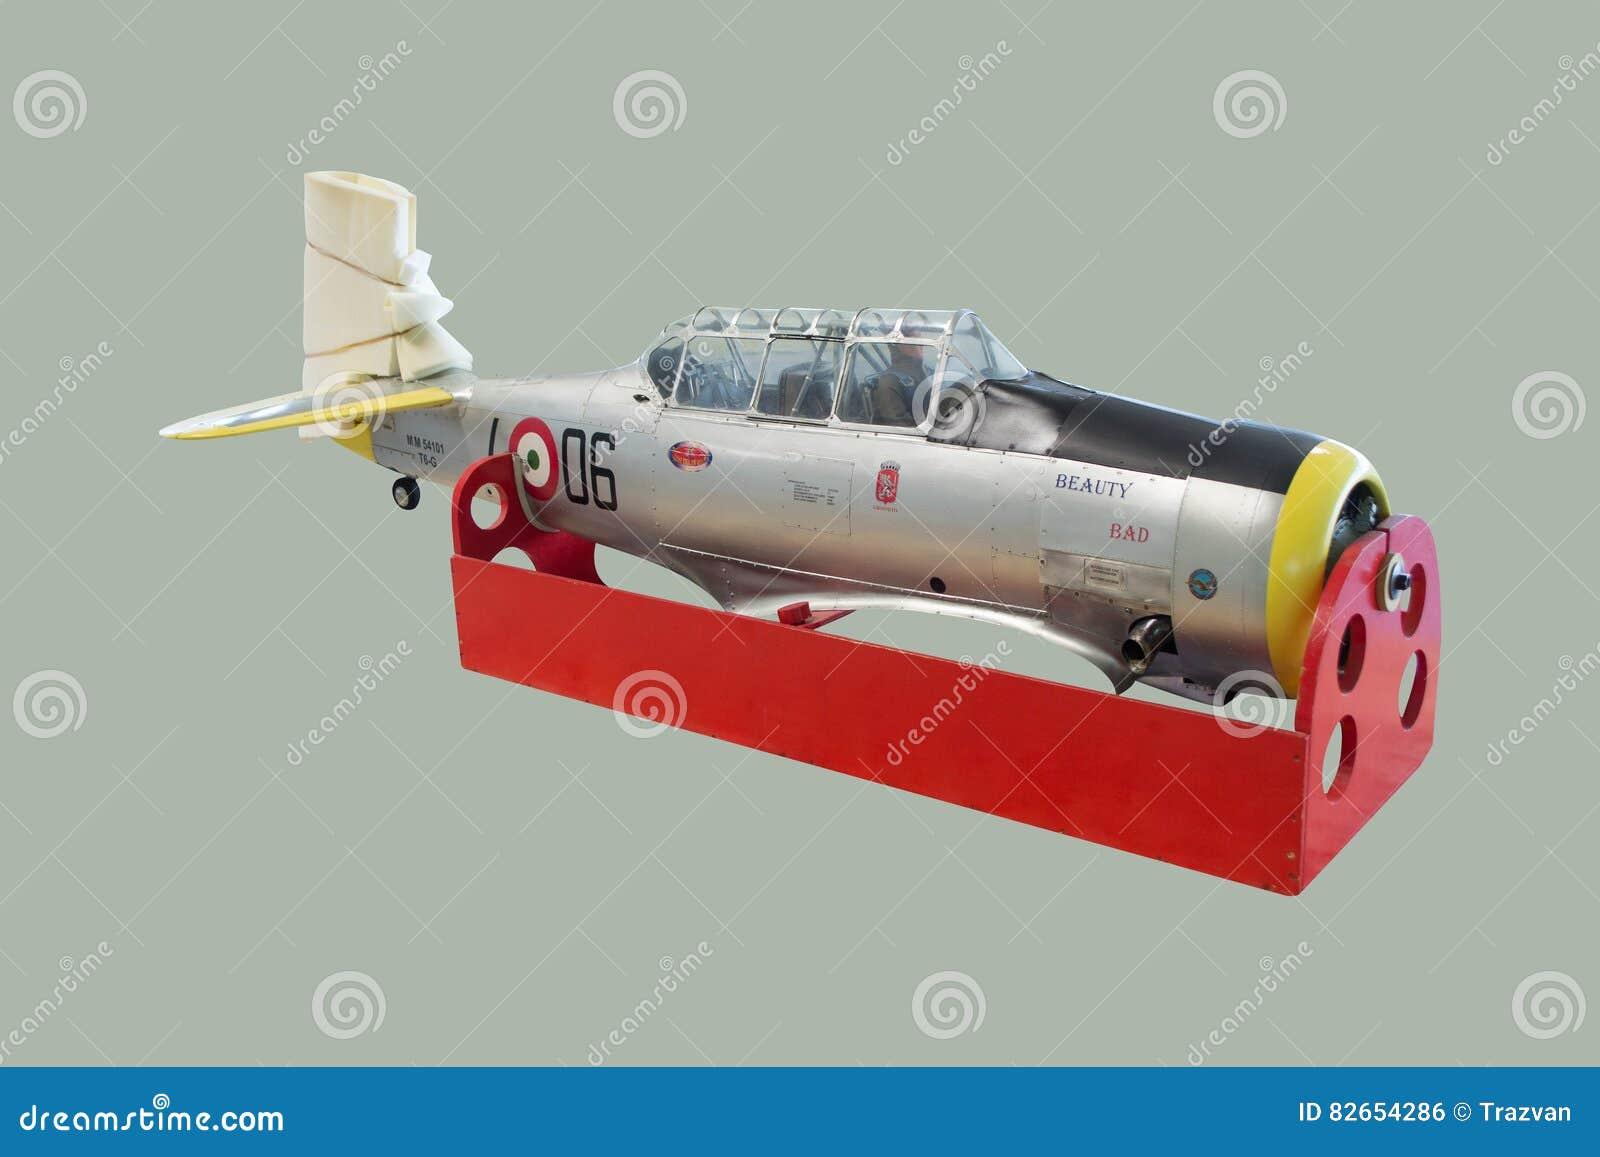 Aviões de modelo à escala norte-americanos do Texan de T6G desmontados